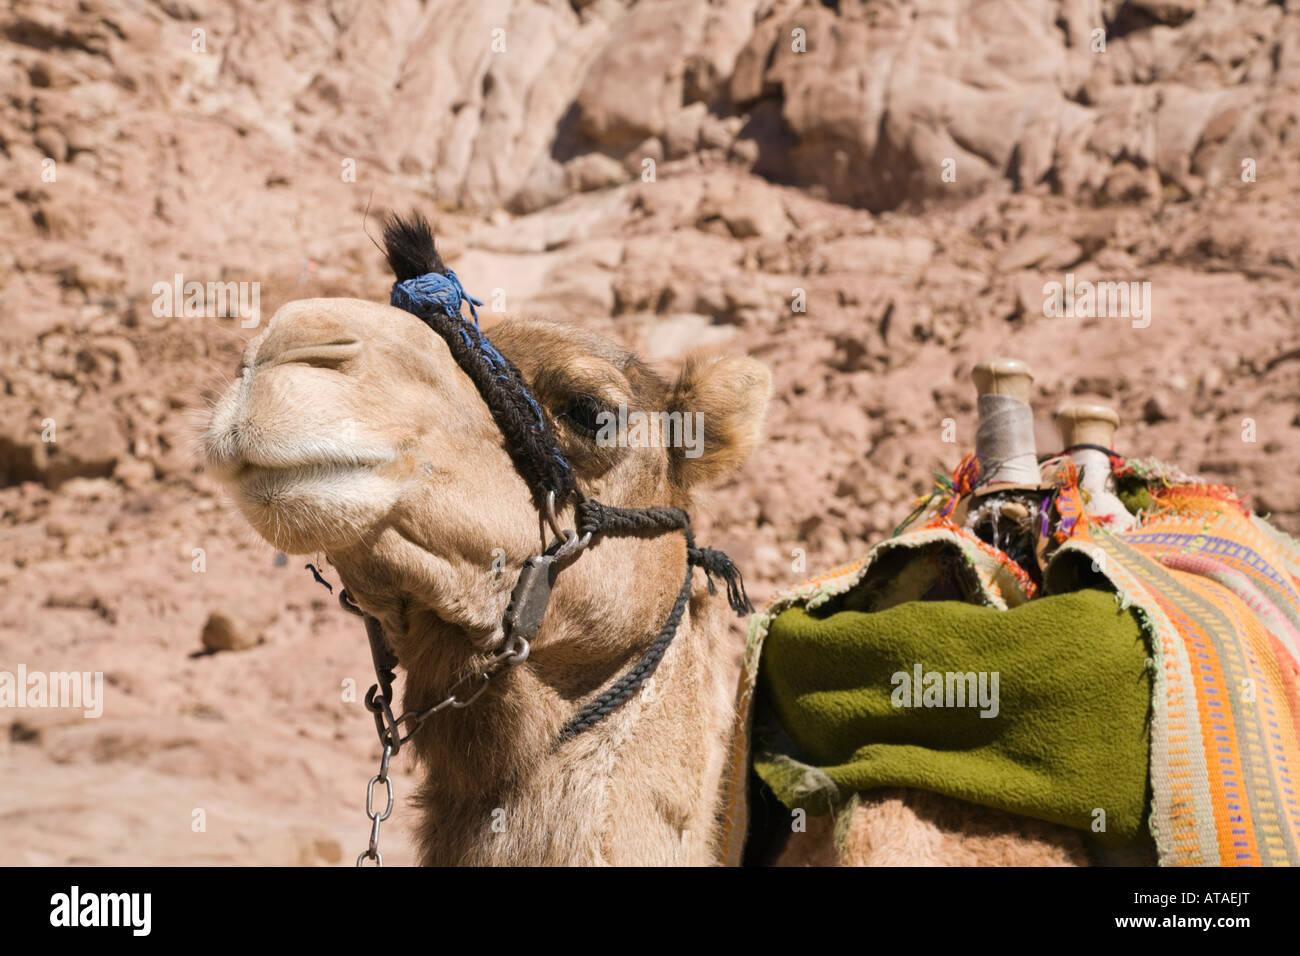 Península de Sinaí Egipto Asia camello Camelus dromedarius beduino ...